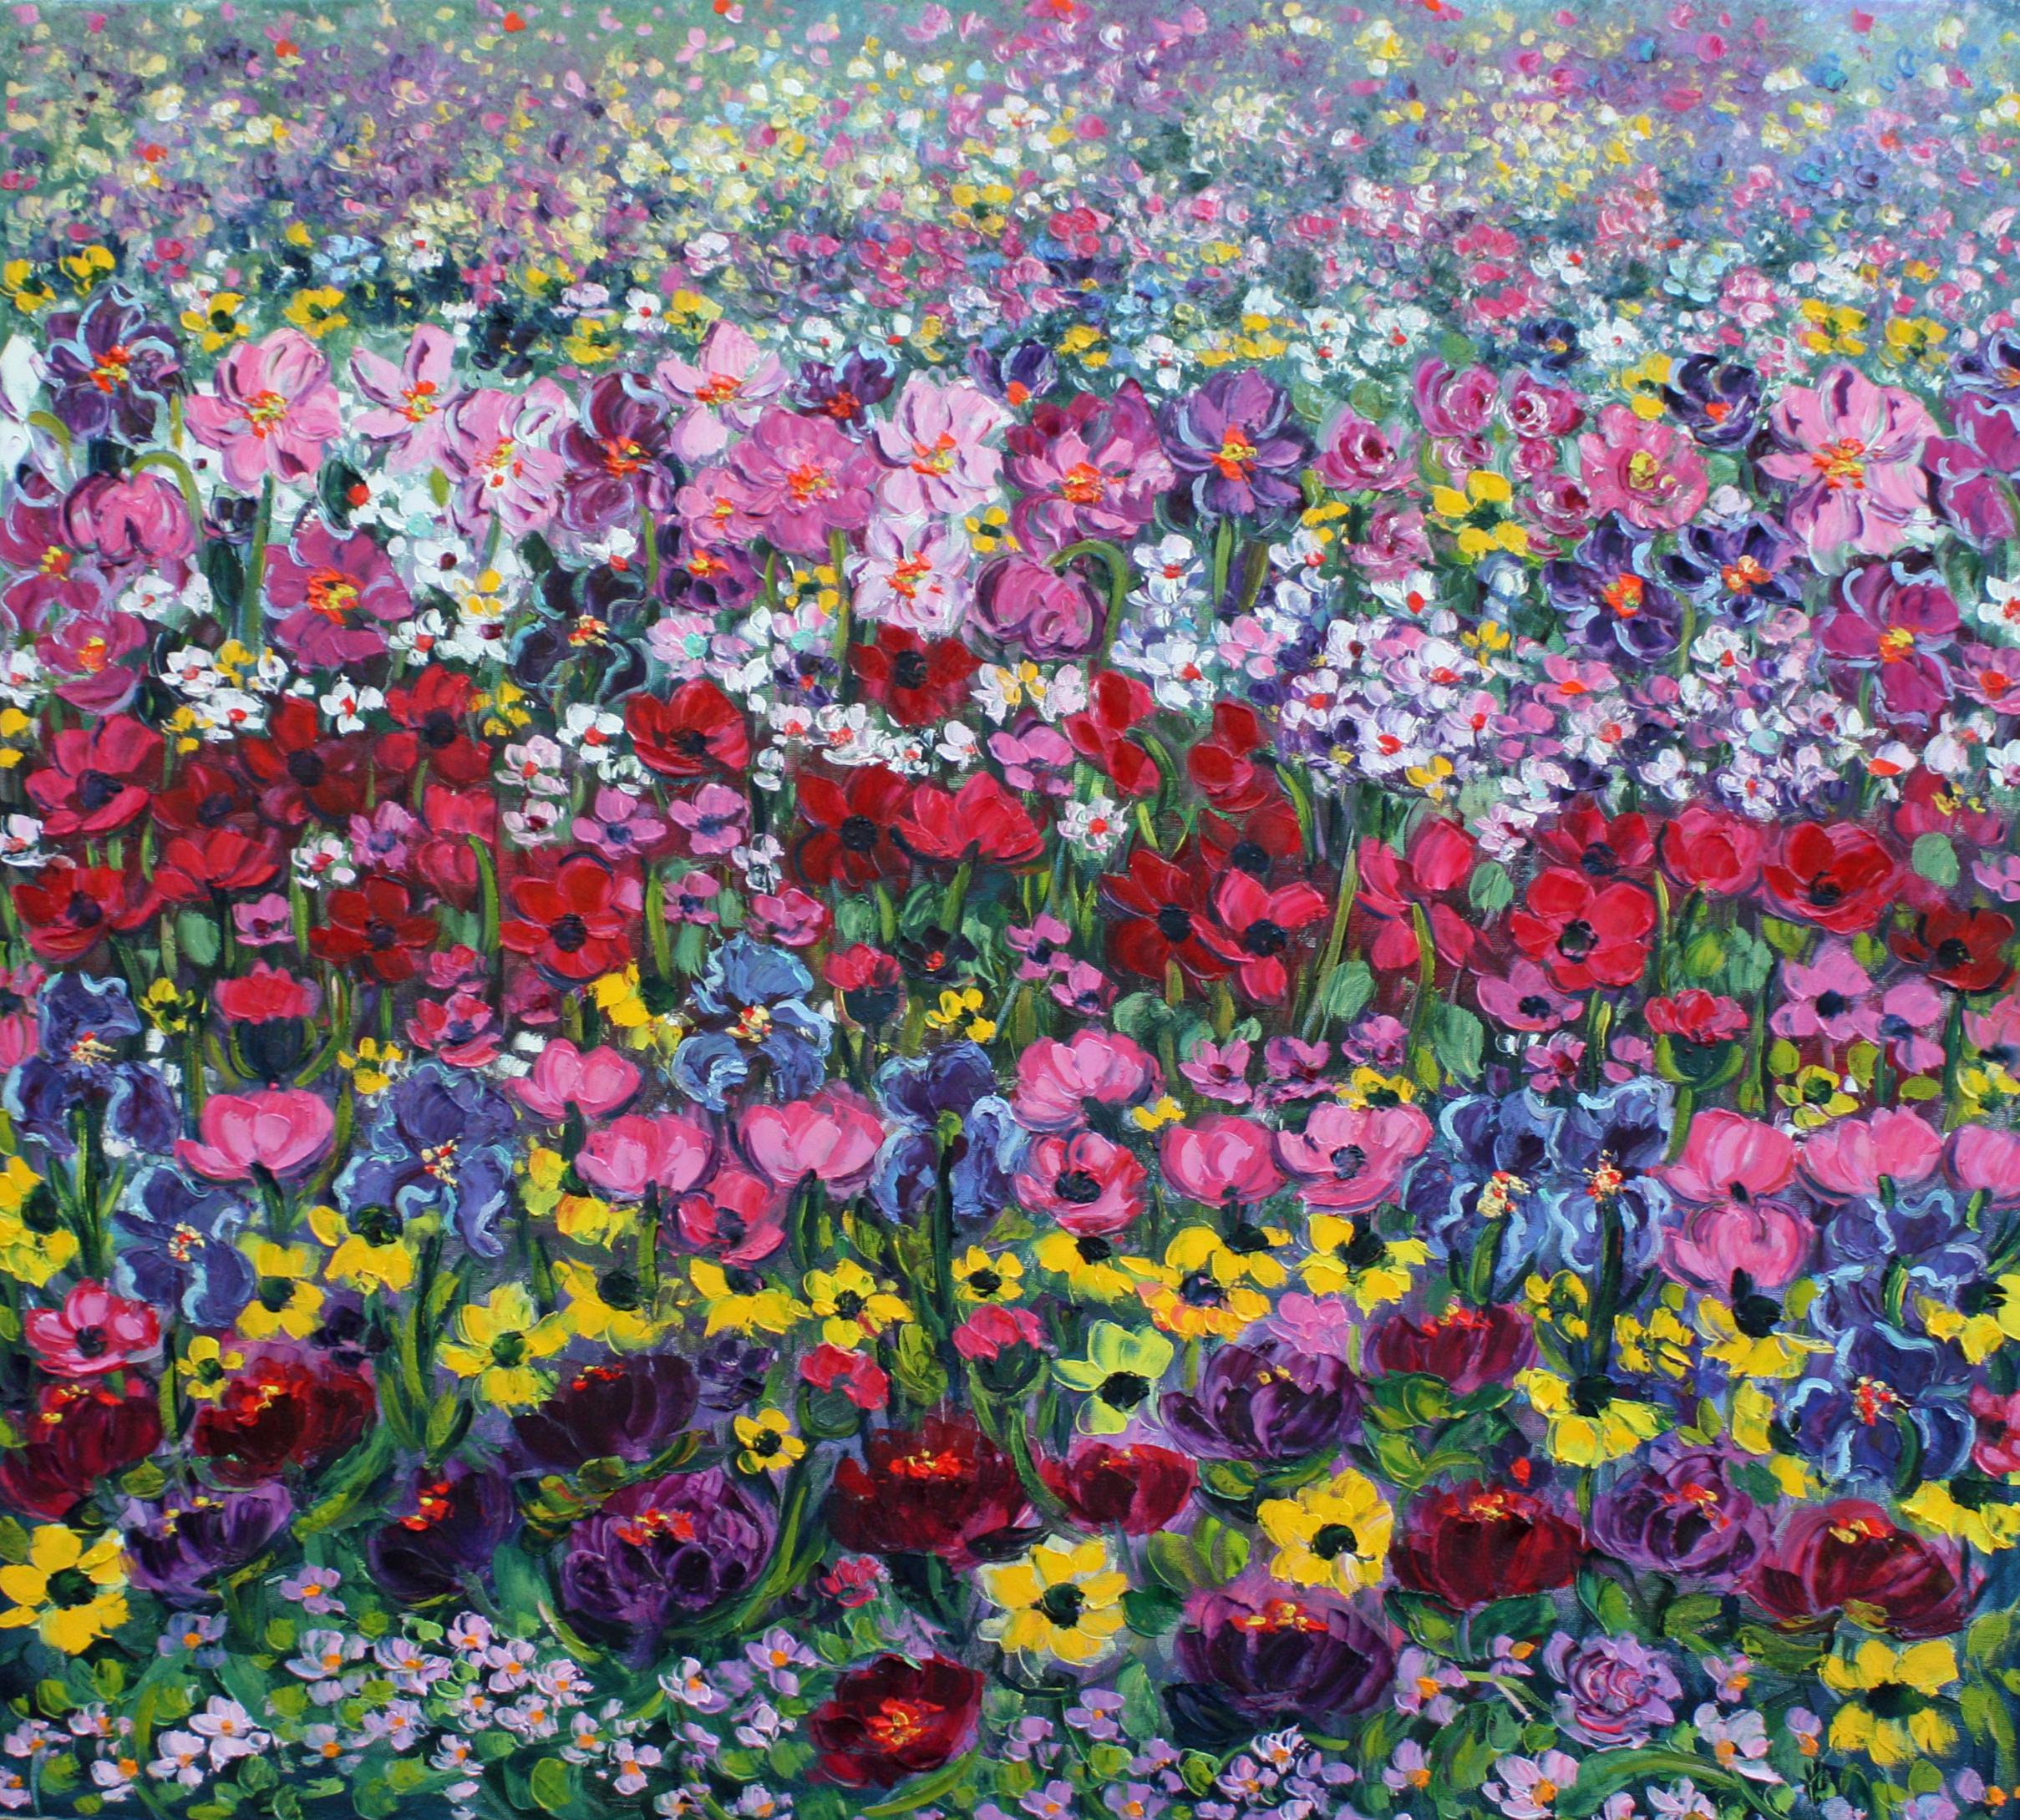 Rif. 6039 - Fantasia di colori